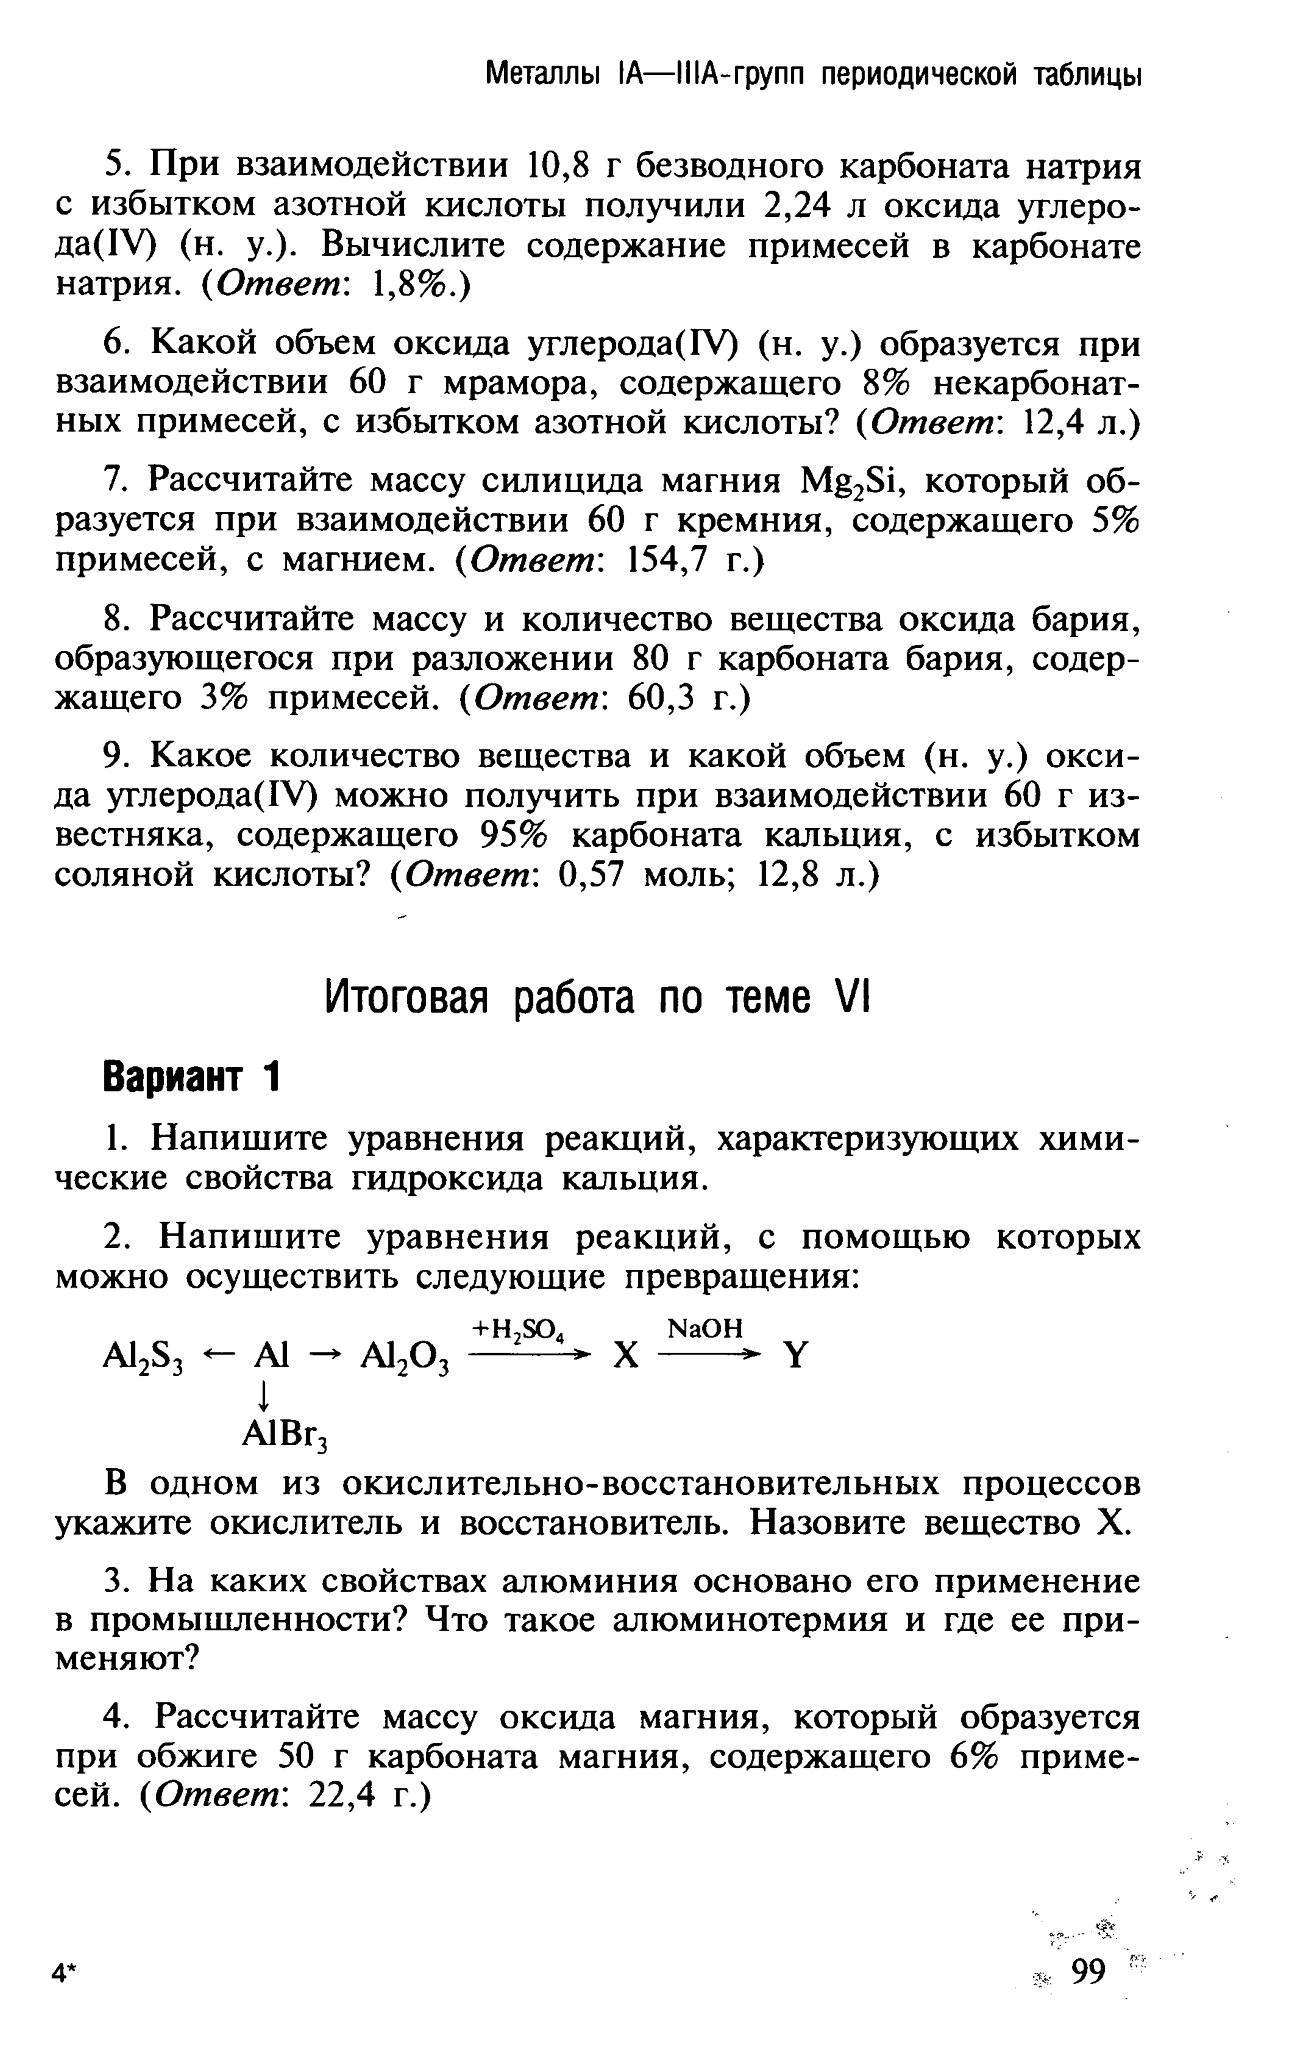 Контрольные работы по химии класс к учебнику Г Е Рудзитис Ф Г  hello html 62803834 jpg Контрольная работа